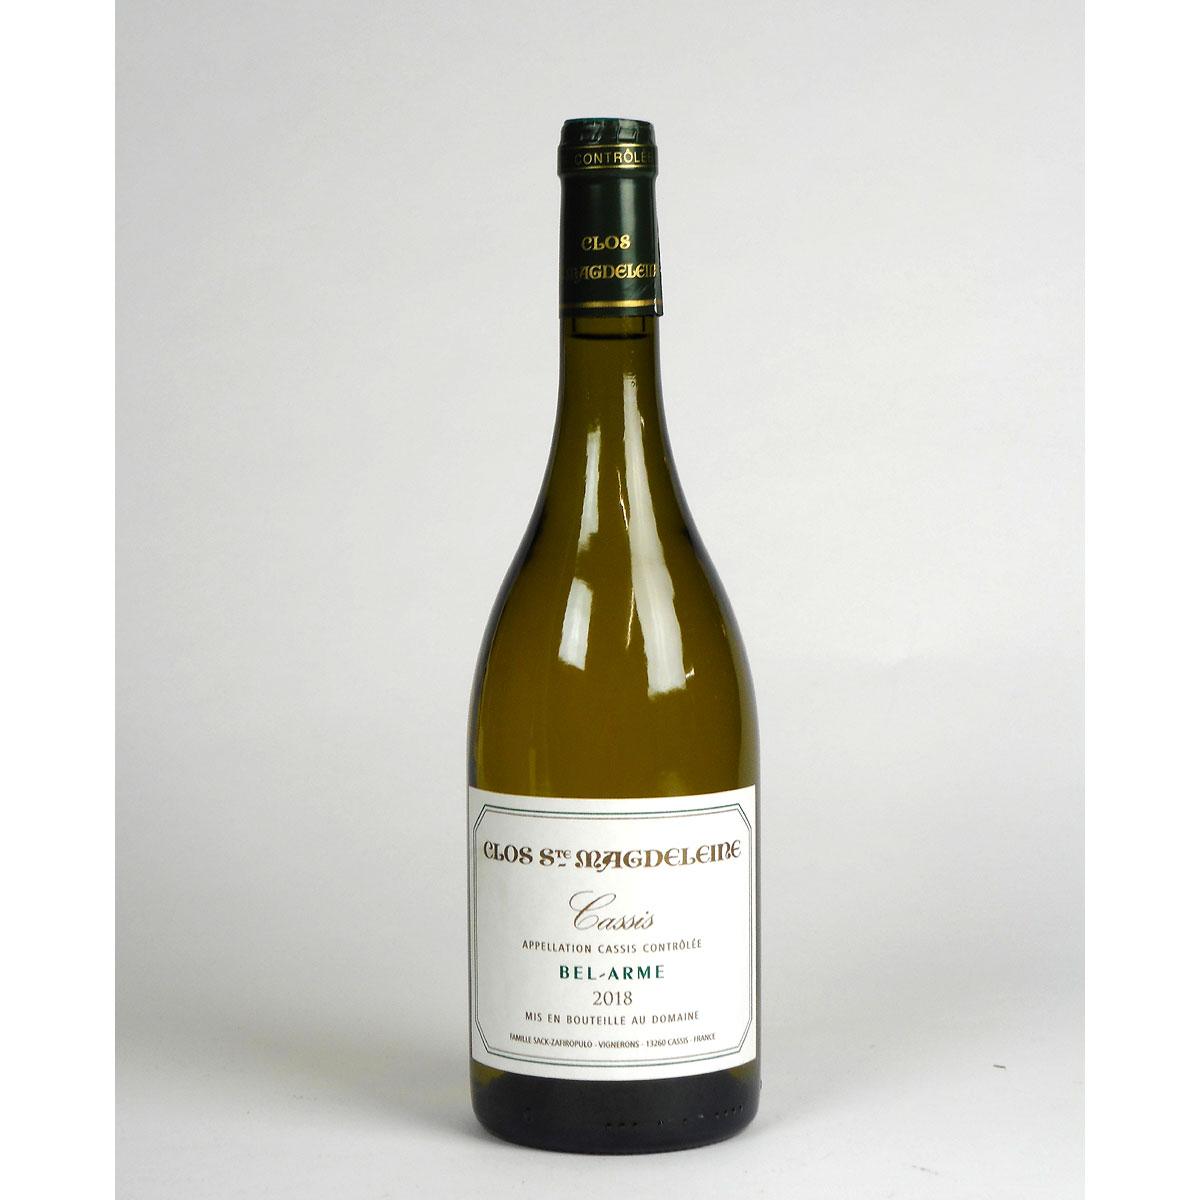 Cassis: Clos Sainte Magdeleine 'Bel-Arme' Blanc 2018 - Bottle